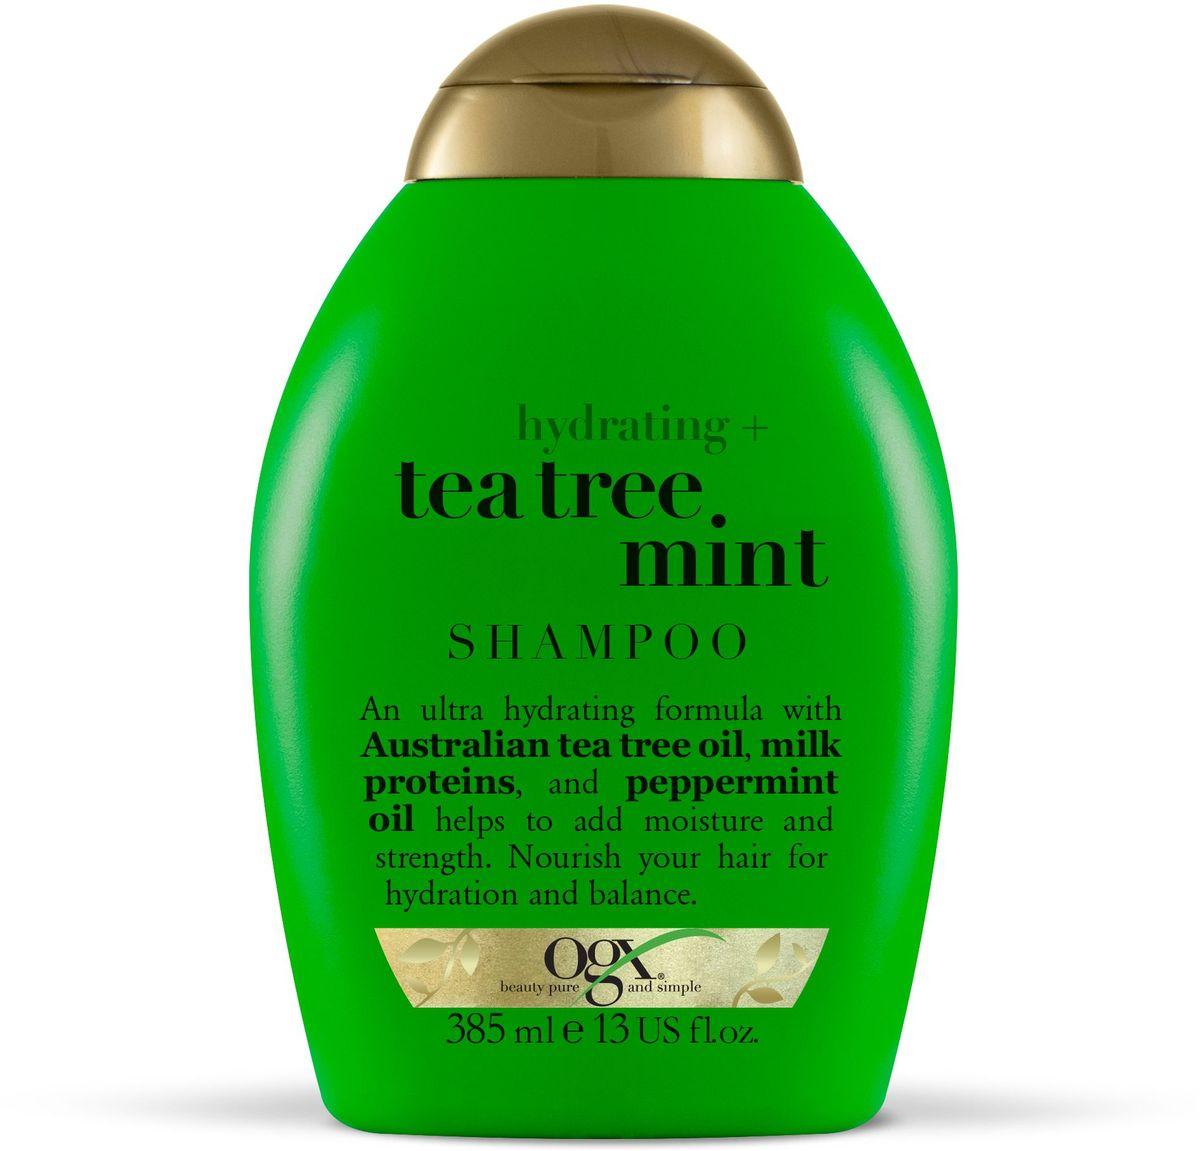 OGX Увлажняющий Шампунь с Маслом чайного дерева и Ментолом, 385 мл.FS-00897Увлажняющий шампунь с маслом чайного дерева и ментолом увлажняет и укрепляет волосы, делая их гладкими и послушными. Помогает поддерживать естественный баланс и наполняют волосы молочным белком.